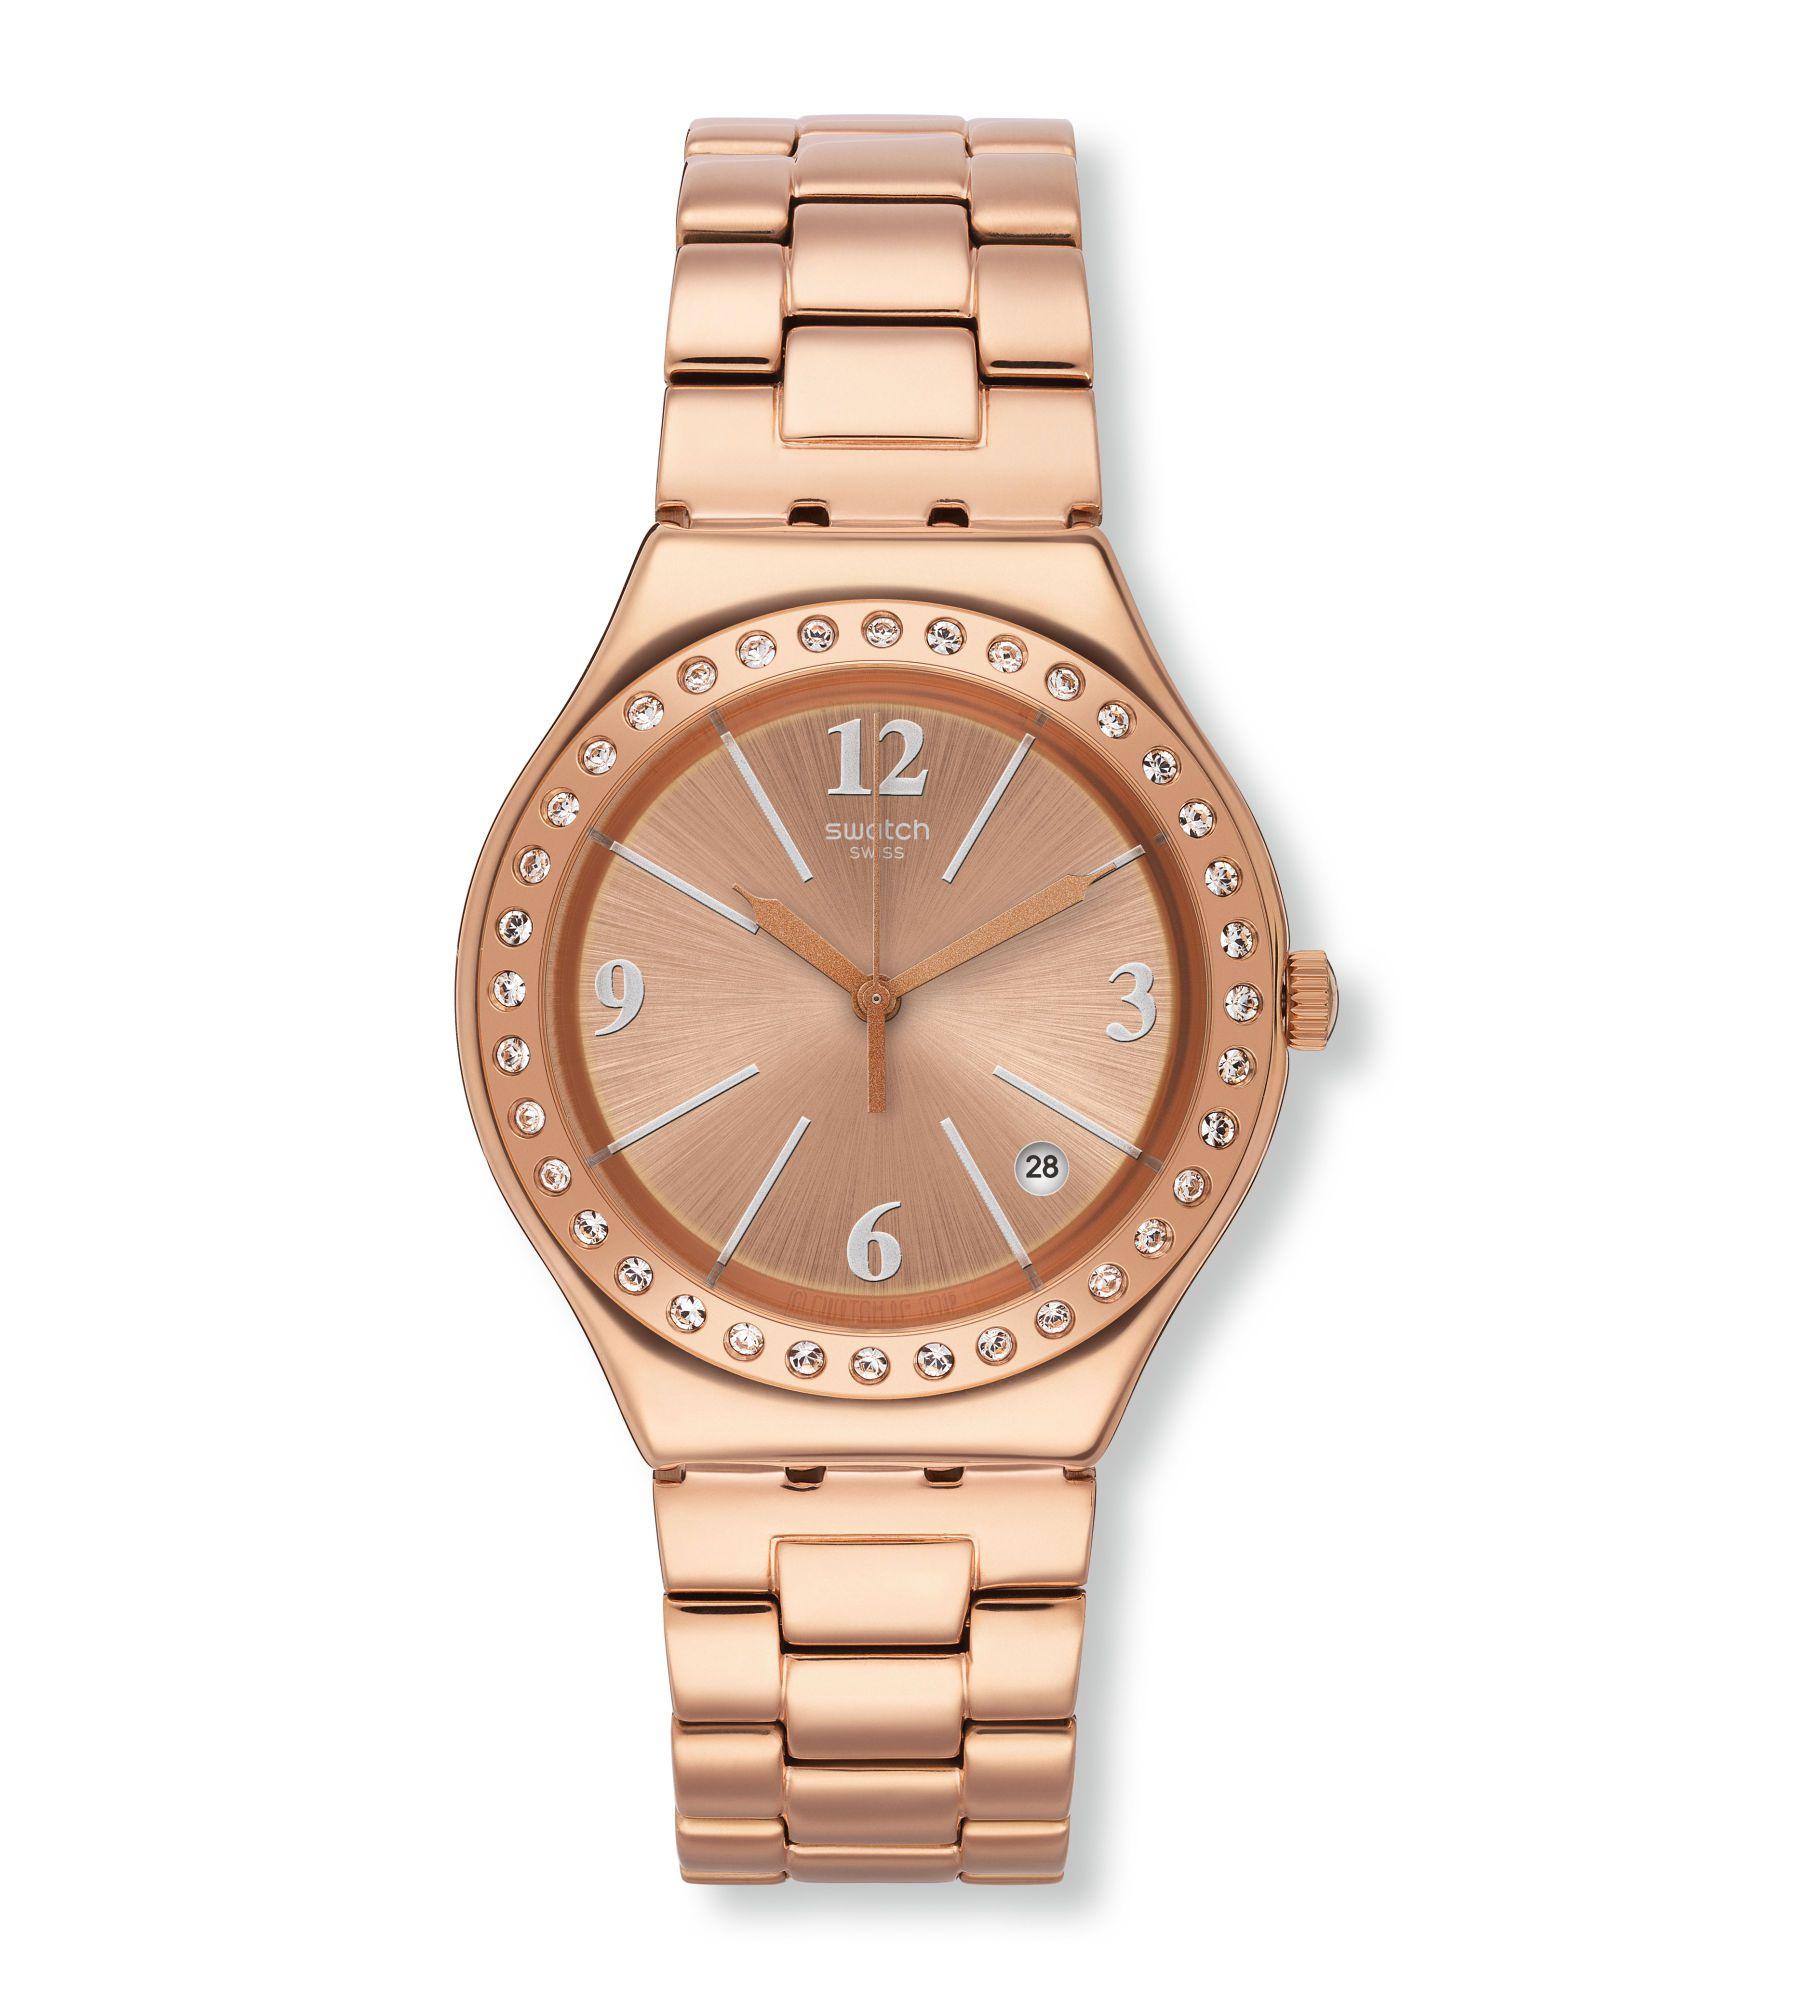 Relógio Swatch Skinskin